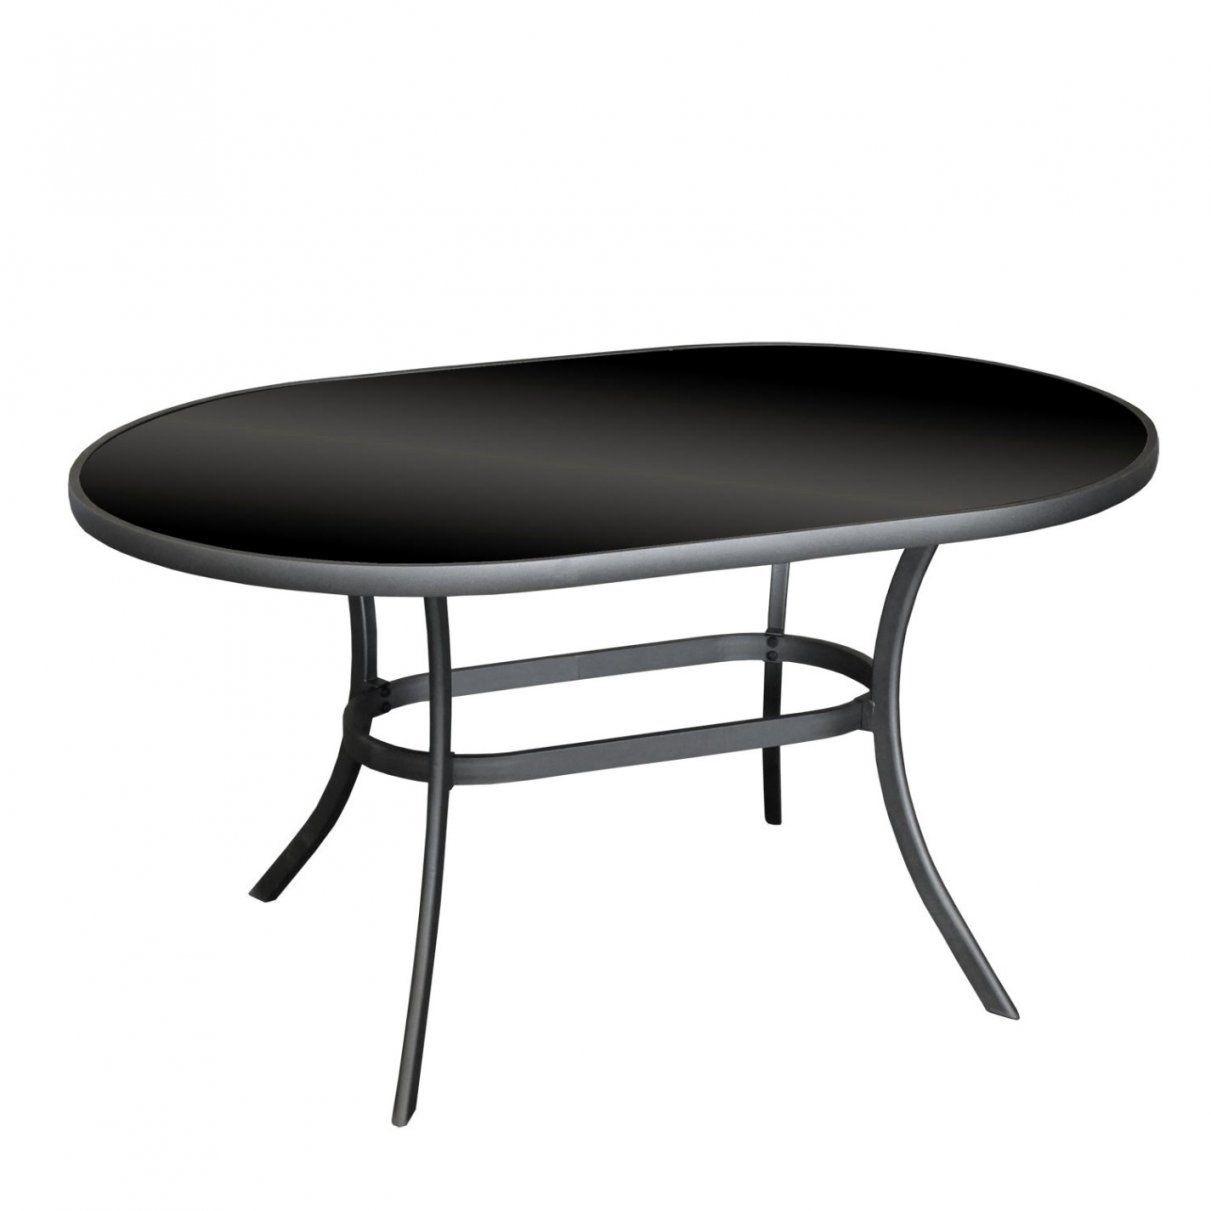 Beste Beeindruckend Gartentisch Oval Ausziehbar Bescheiden Ovaler von Gartentisch Oval Ausziehbar Alu Photo